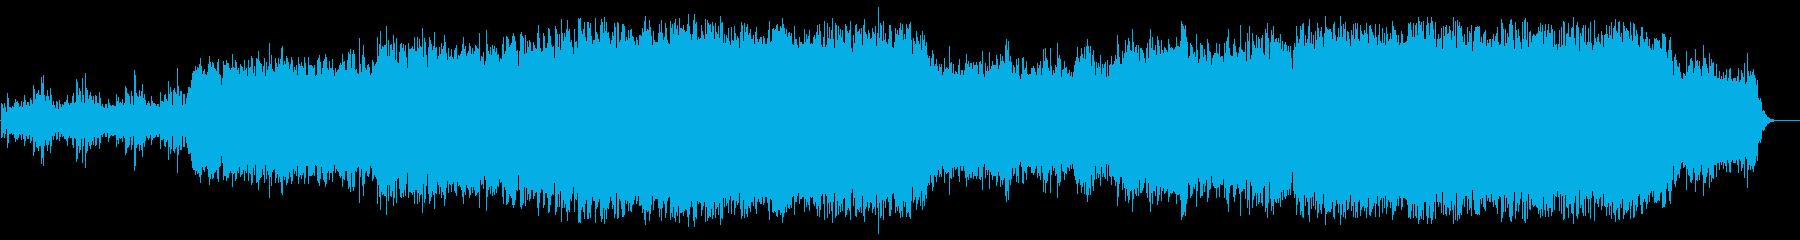 シンセサイザーのキラキラした曲の再生済みの波形